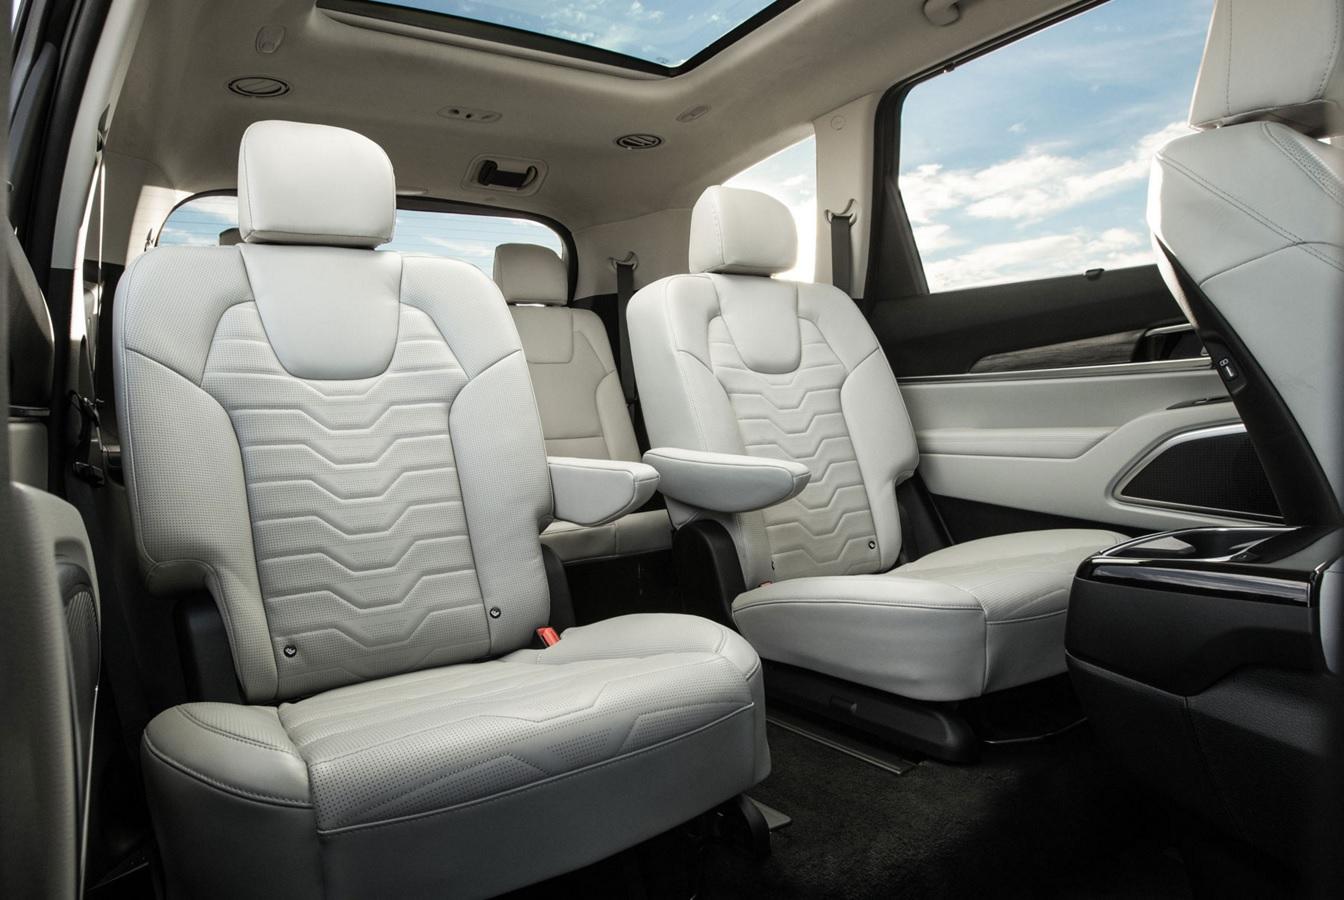 2020 Telluride Rear Seats